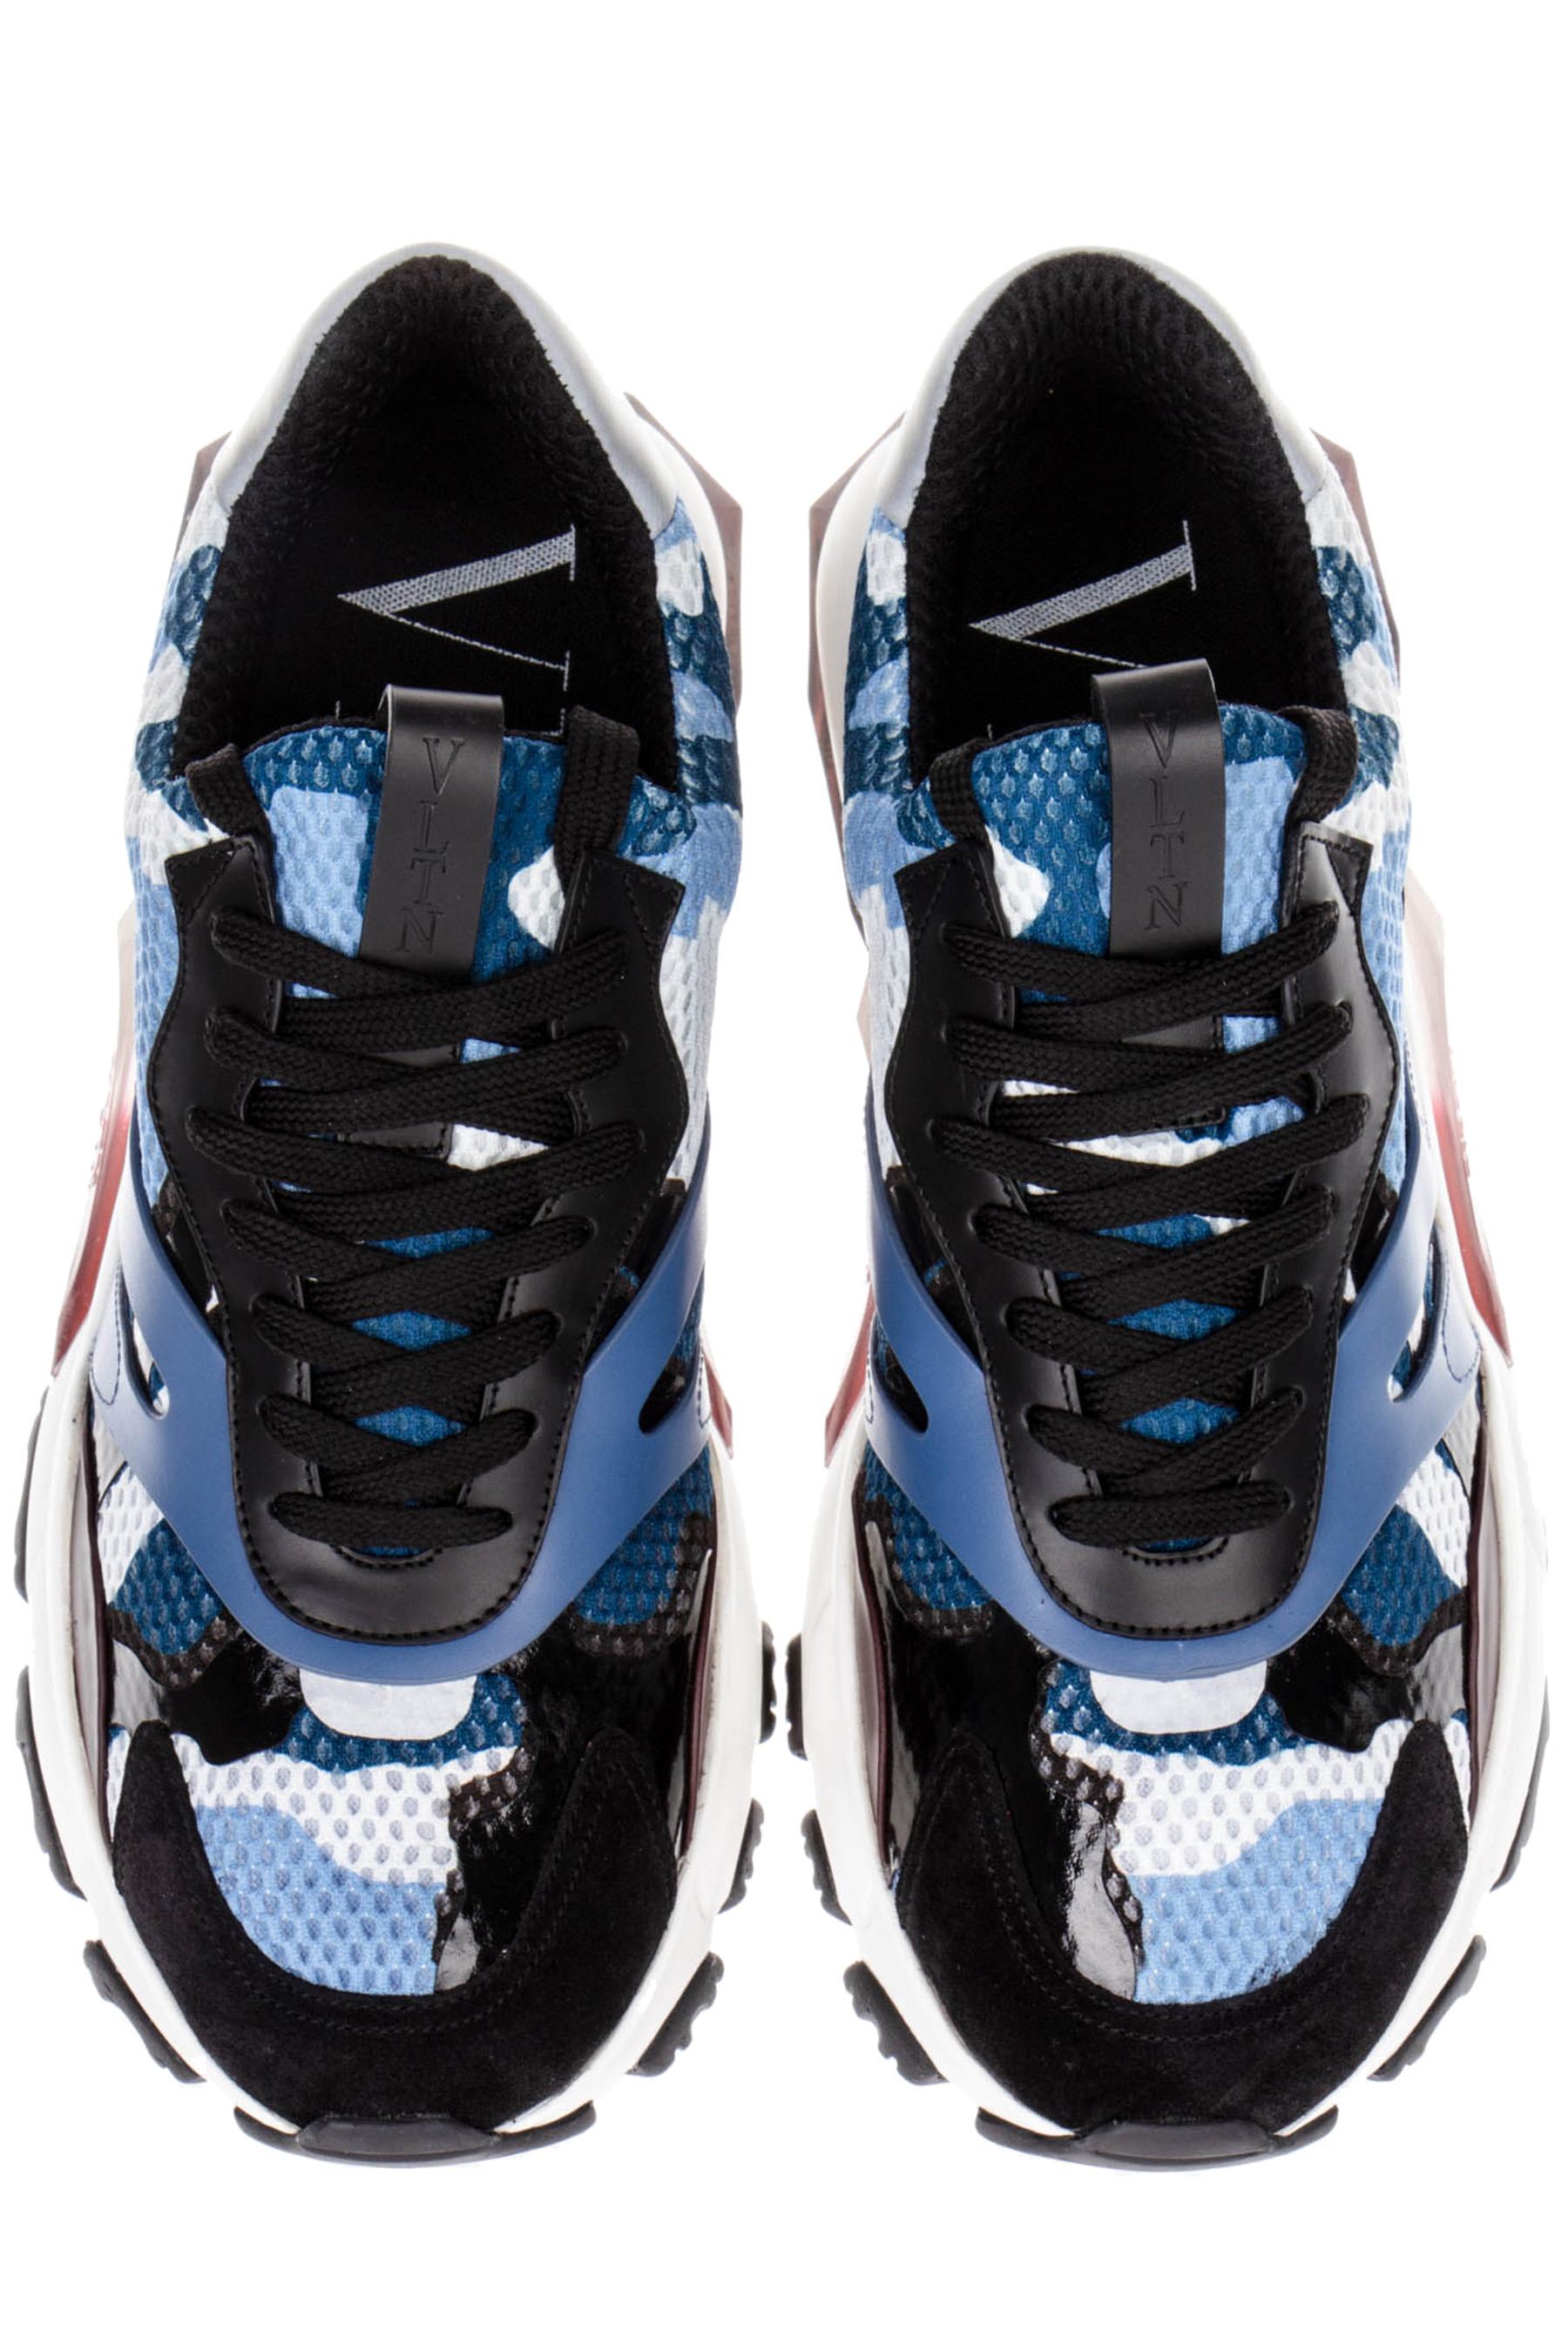 7eb19dd49f7b0 ... Preview  VALENTINO GARAVANI Camouflage Bounce Sneakers ...